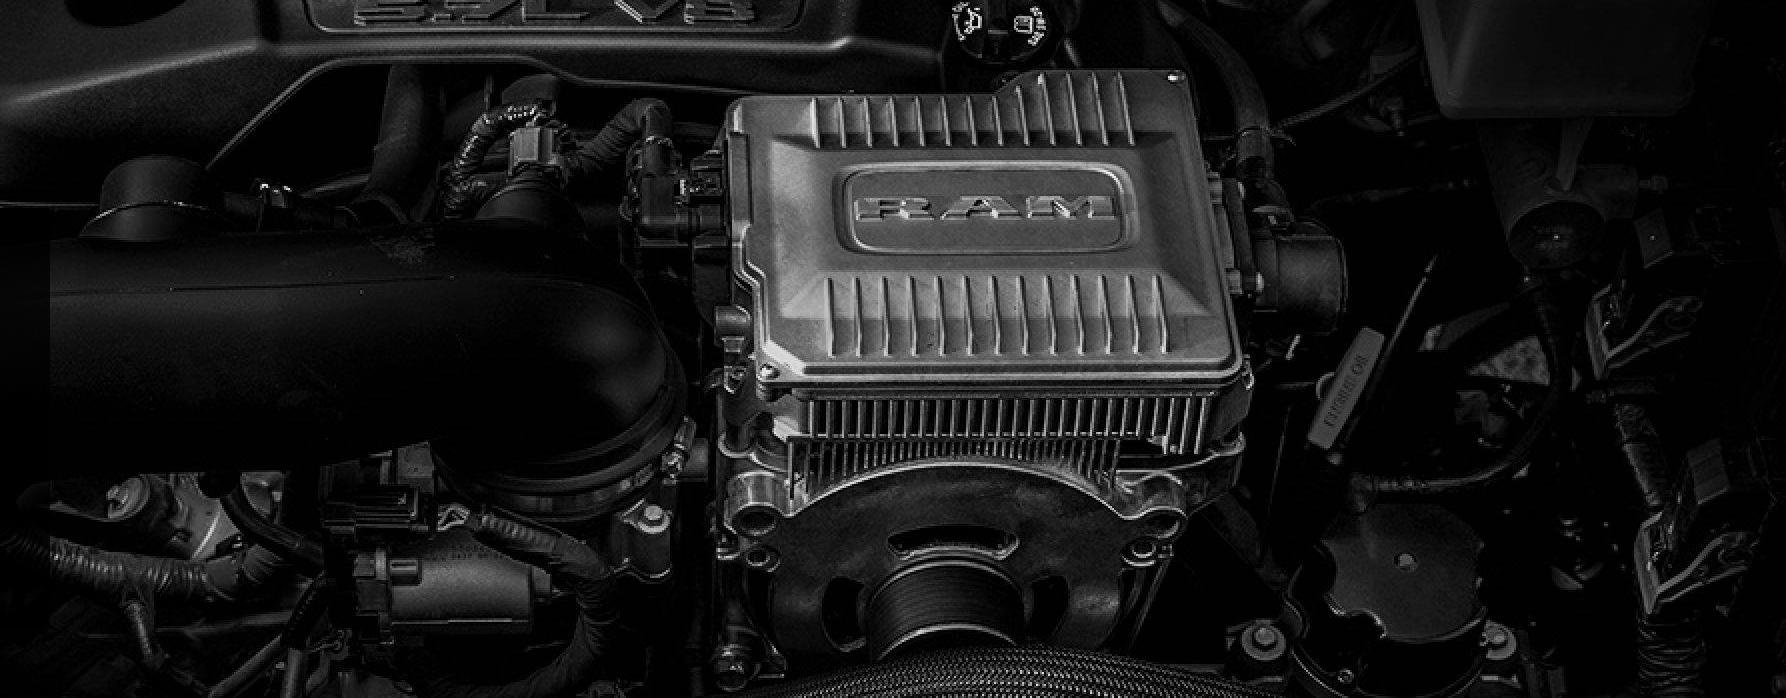 Fuel efficient truck engine